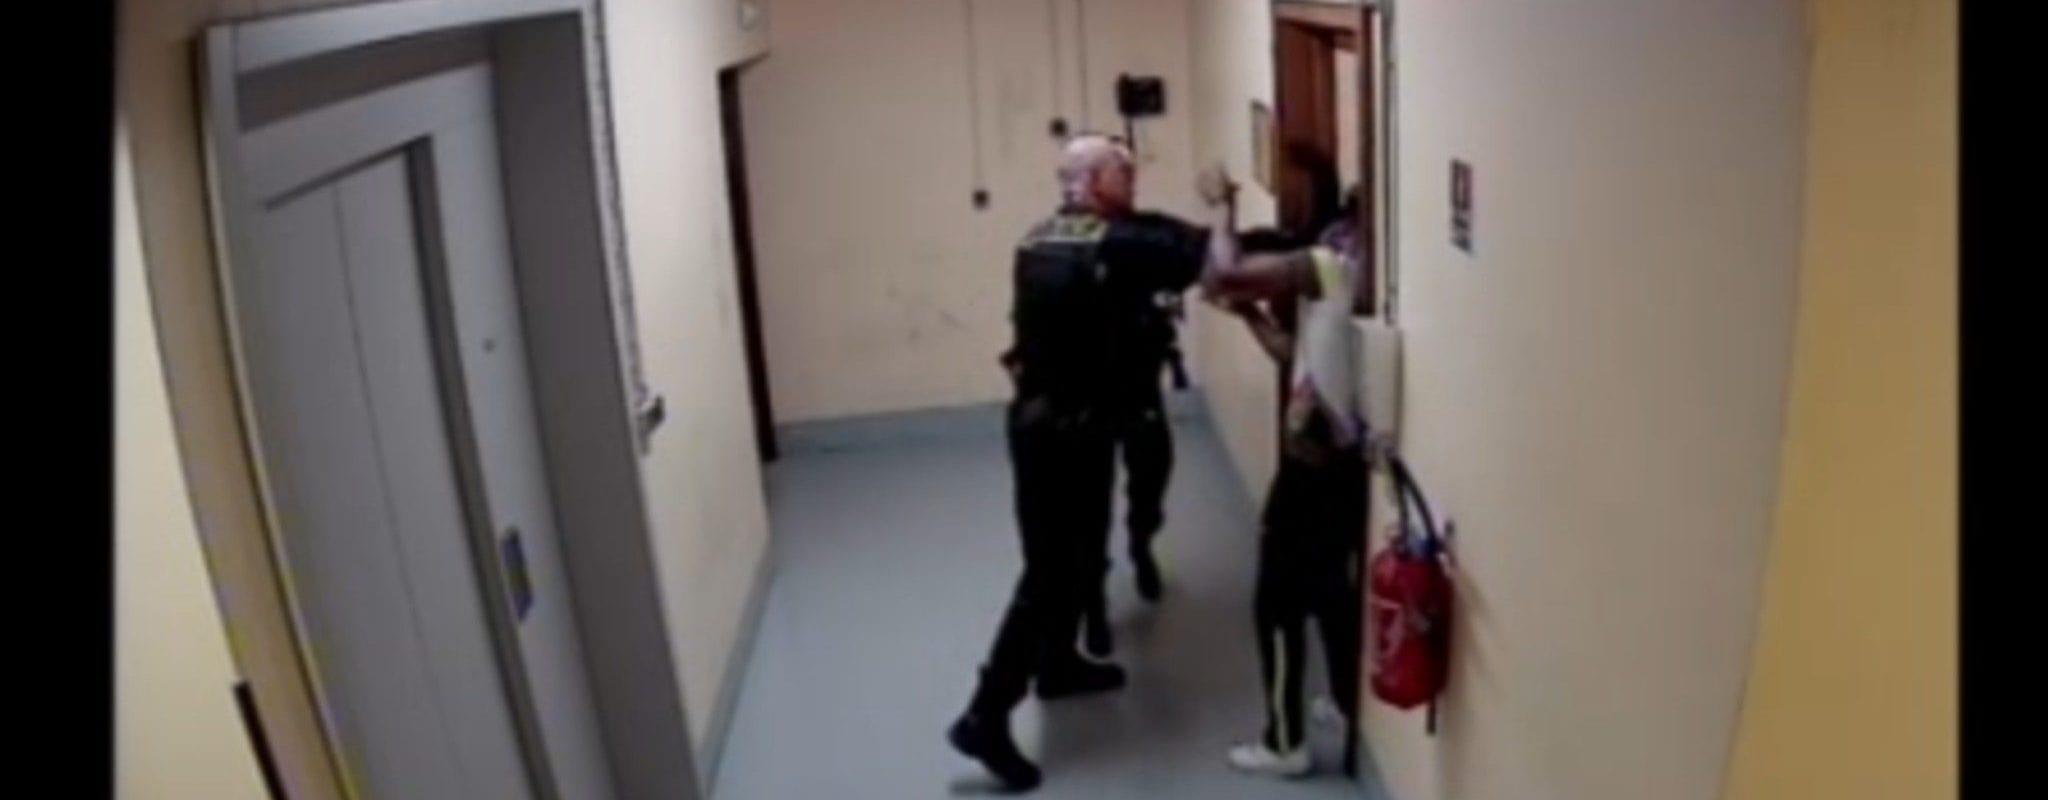 «Une patate dans la tempe»: autopsie d'une violence policière couverte par des collègues